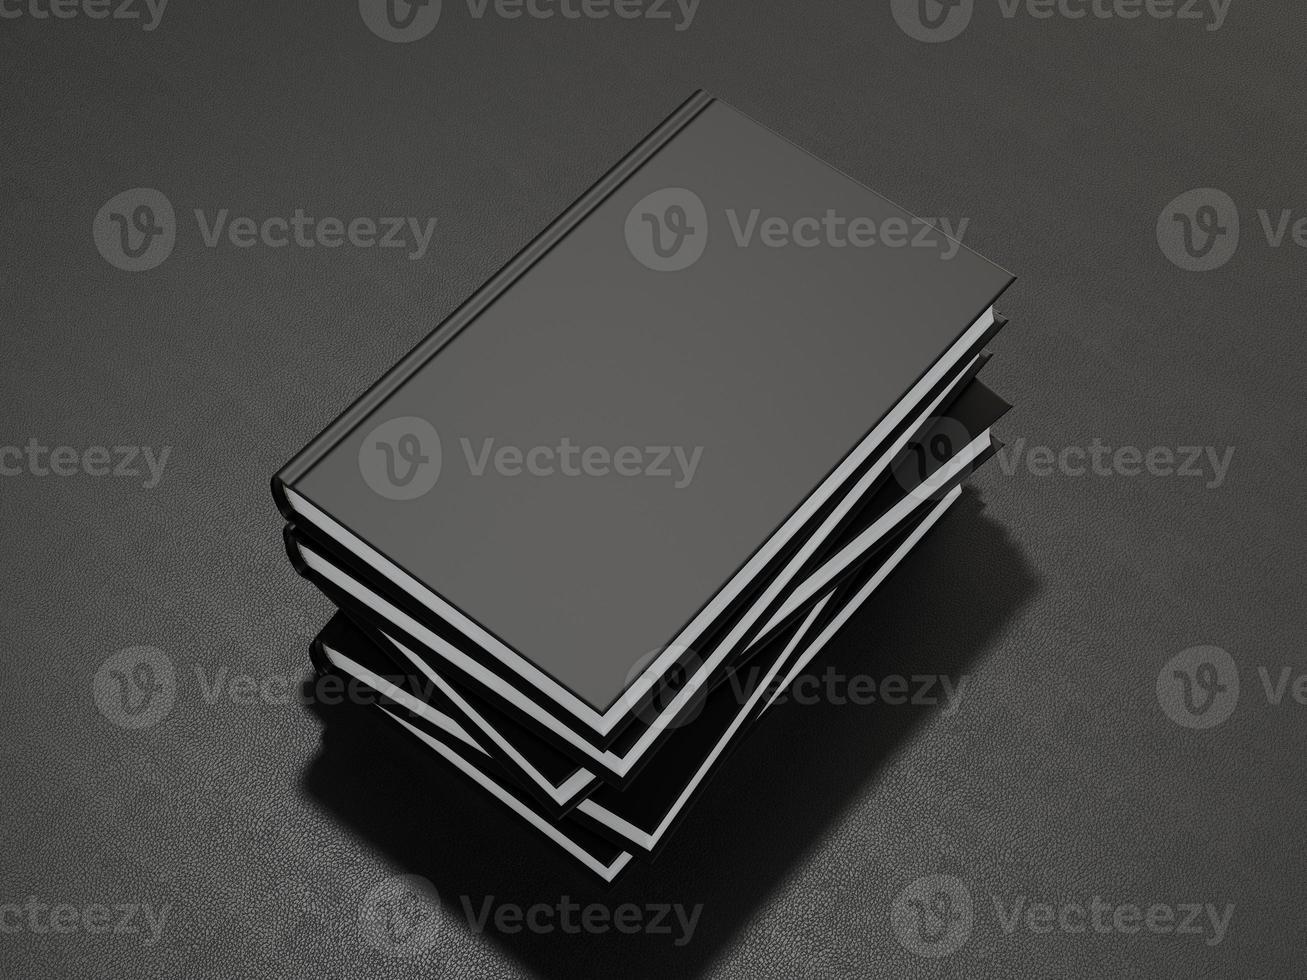 alguns livros com capa preta em branco foto